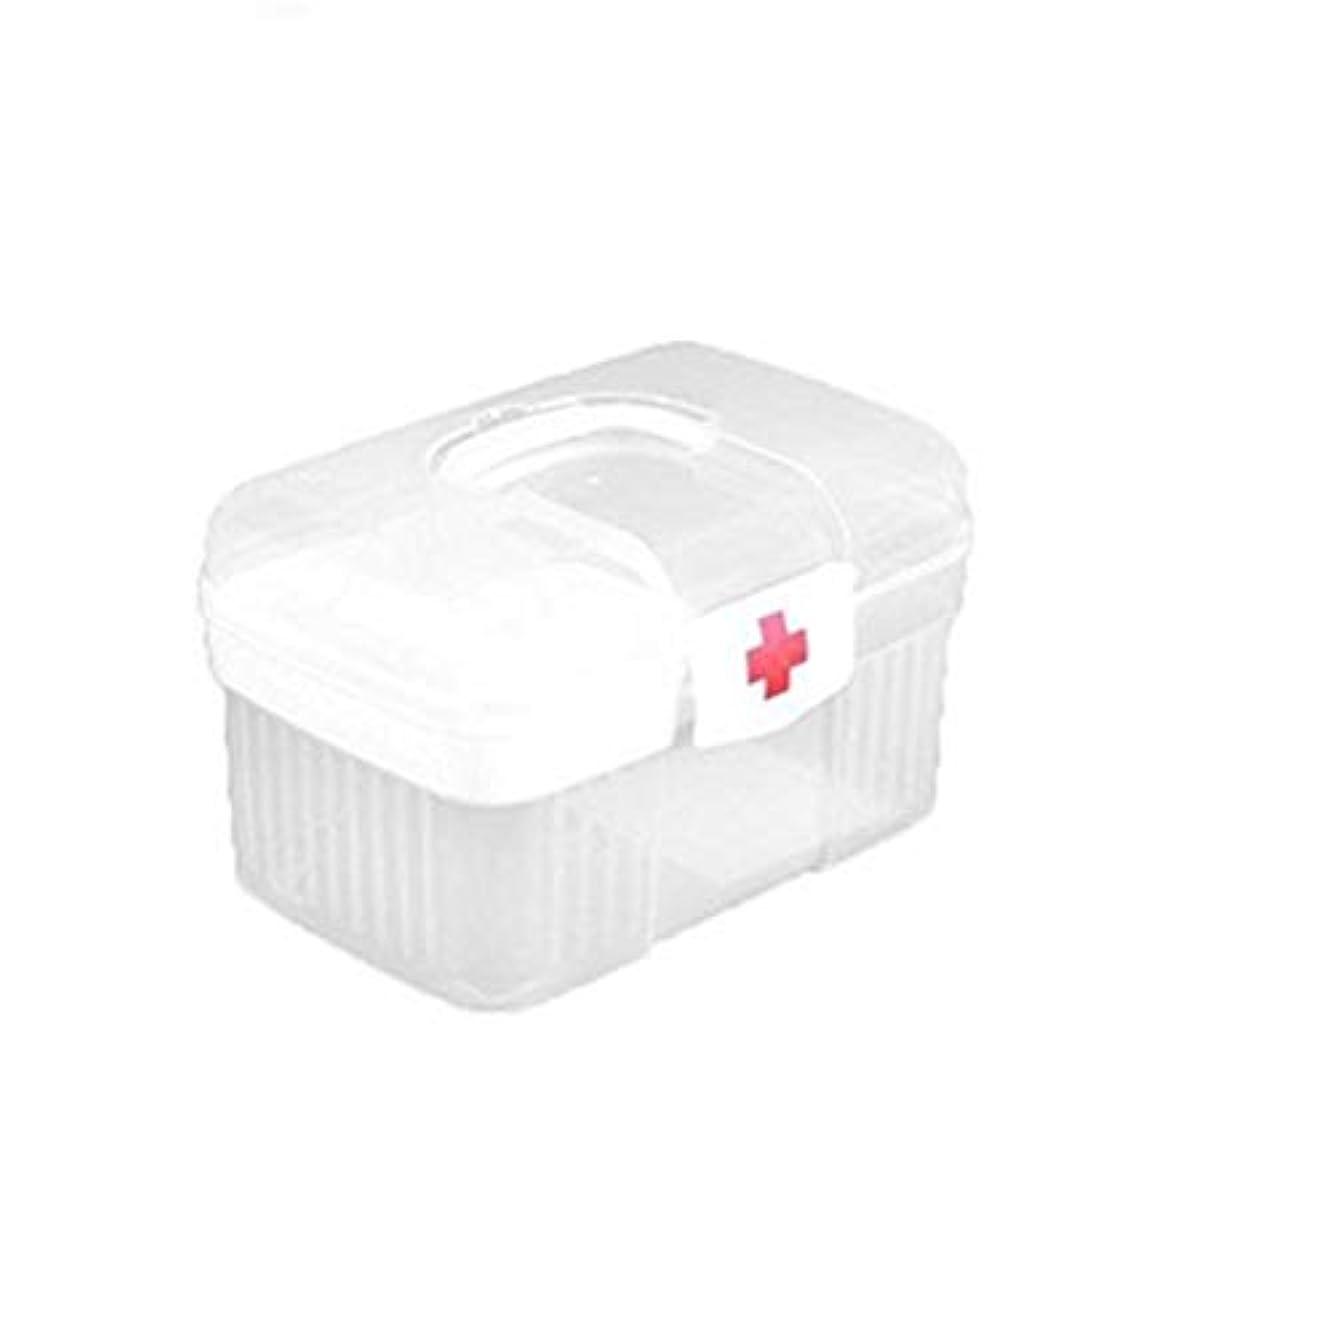 正規化模倣ポーズYxsd 応急処置キット 医学組織の家庭用プラスチックホワイトのための家庭用応急処置ケースキット収納ボックス